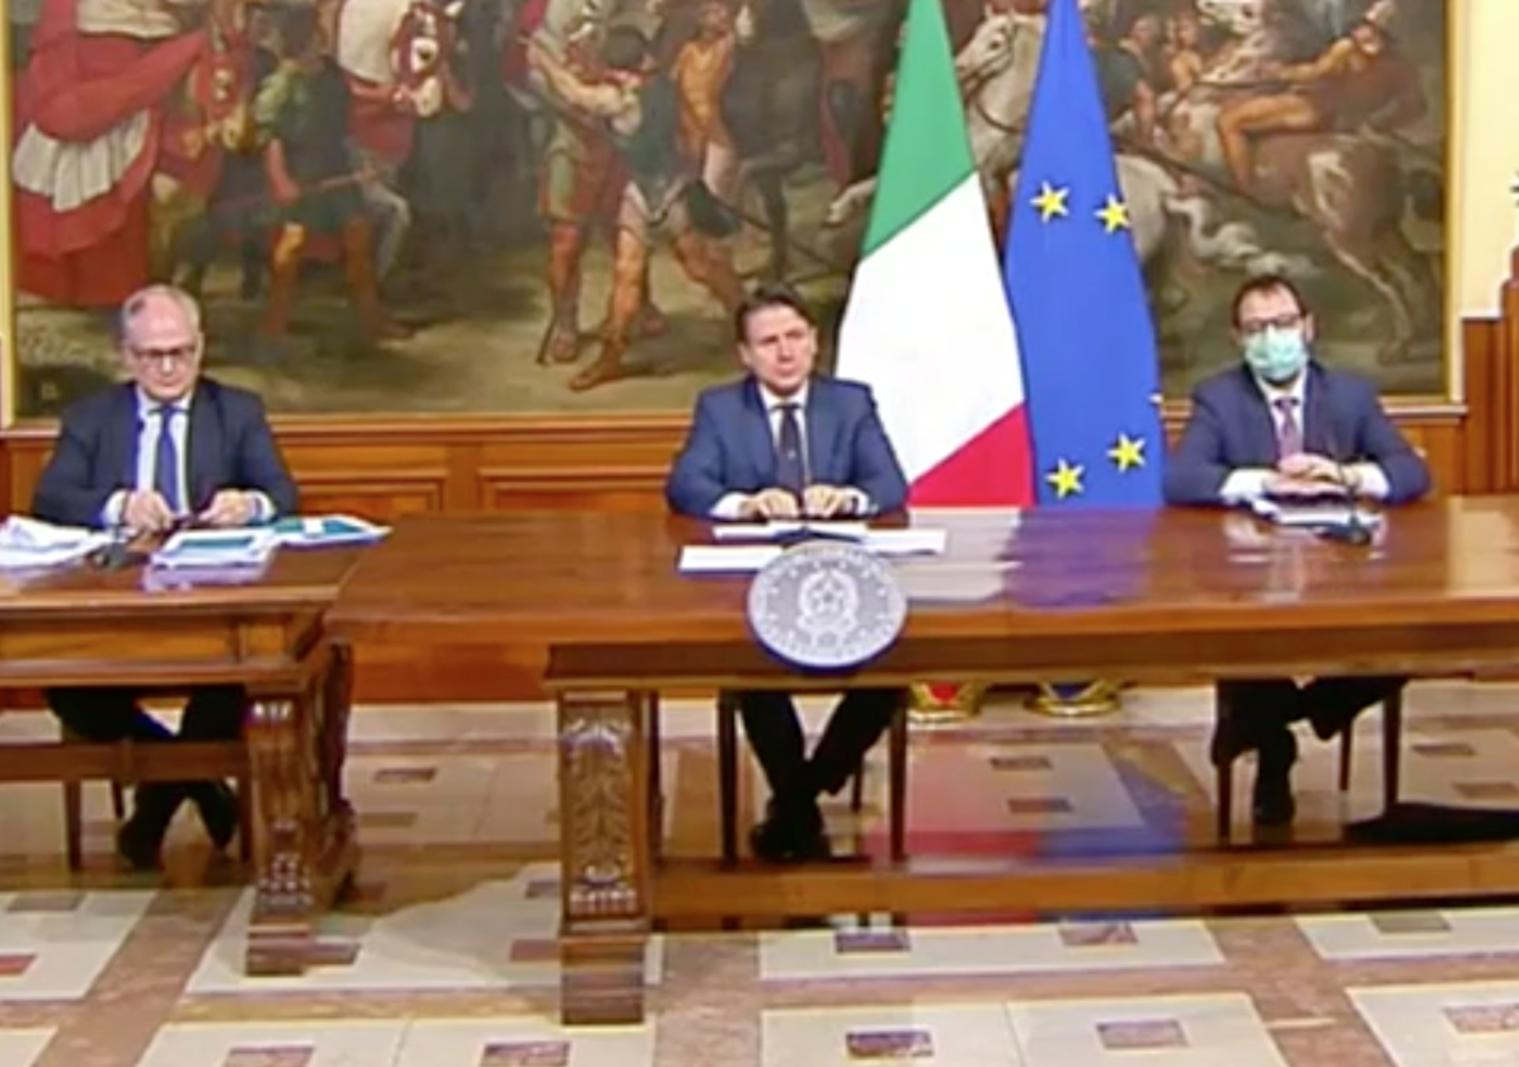 Decreto Rilancio, via libera dal Cdm. Conte: Vale 2 manovre. Compromesso sui migranti